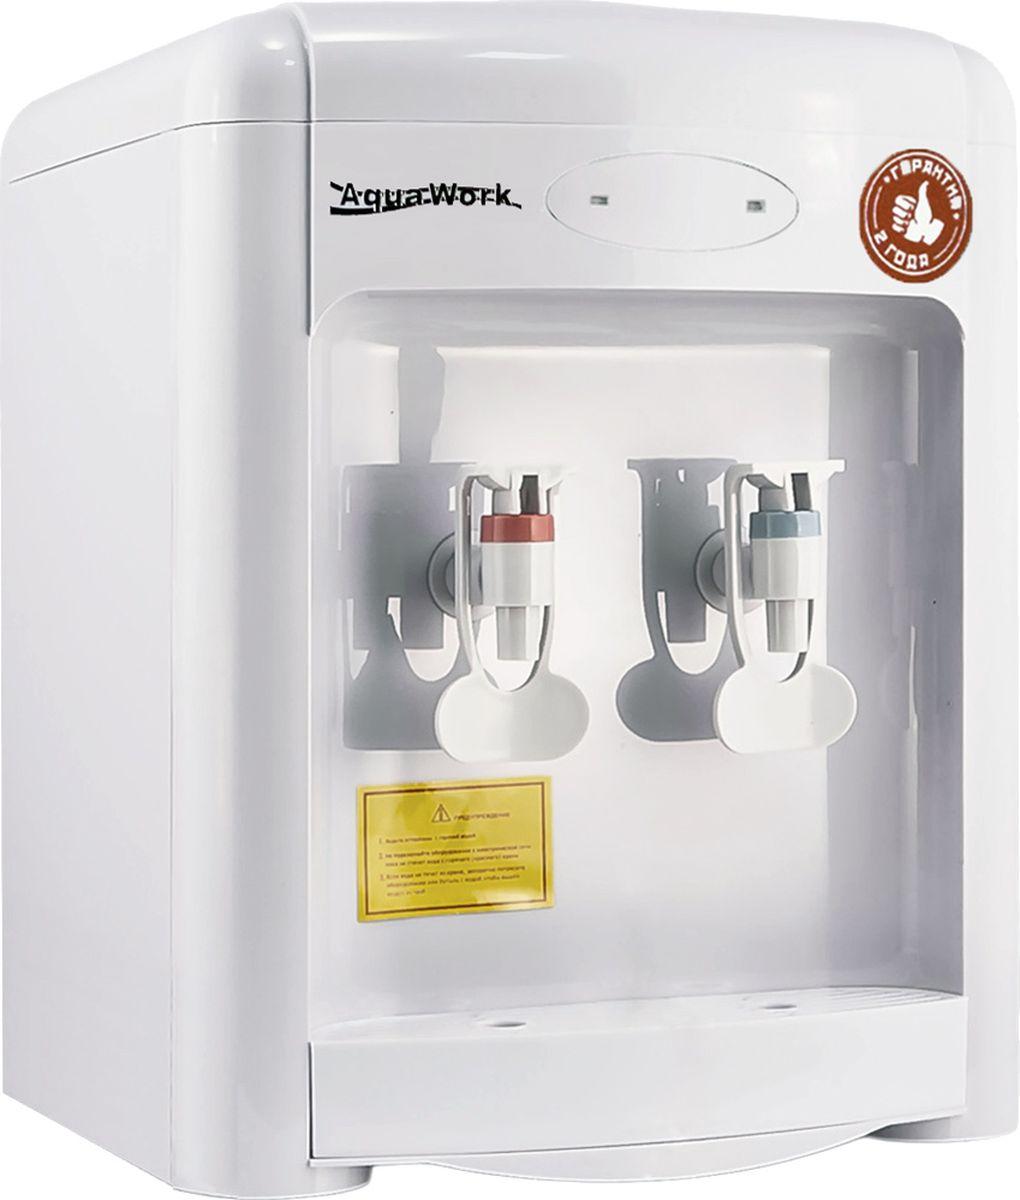 Aqua Work 36TKN, White кулер для воды10081Небольшой настольный кулер для питьевой воды без охлаждения Aqua Work 36TKN послужит отличной заменой вашему старому электрическому чайнику в офисе и дома.В одном компактном аппарате вы получаете комбинацию сразу двух устройств: приспособление для розлива из 19-литровой бутыли (вы экономите на покупке ручной помпы) и нагреватель, который всегда готов разлить по кружкам горячую воду с температурой не менее 92-95 градусов.